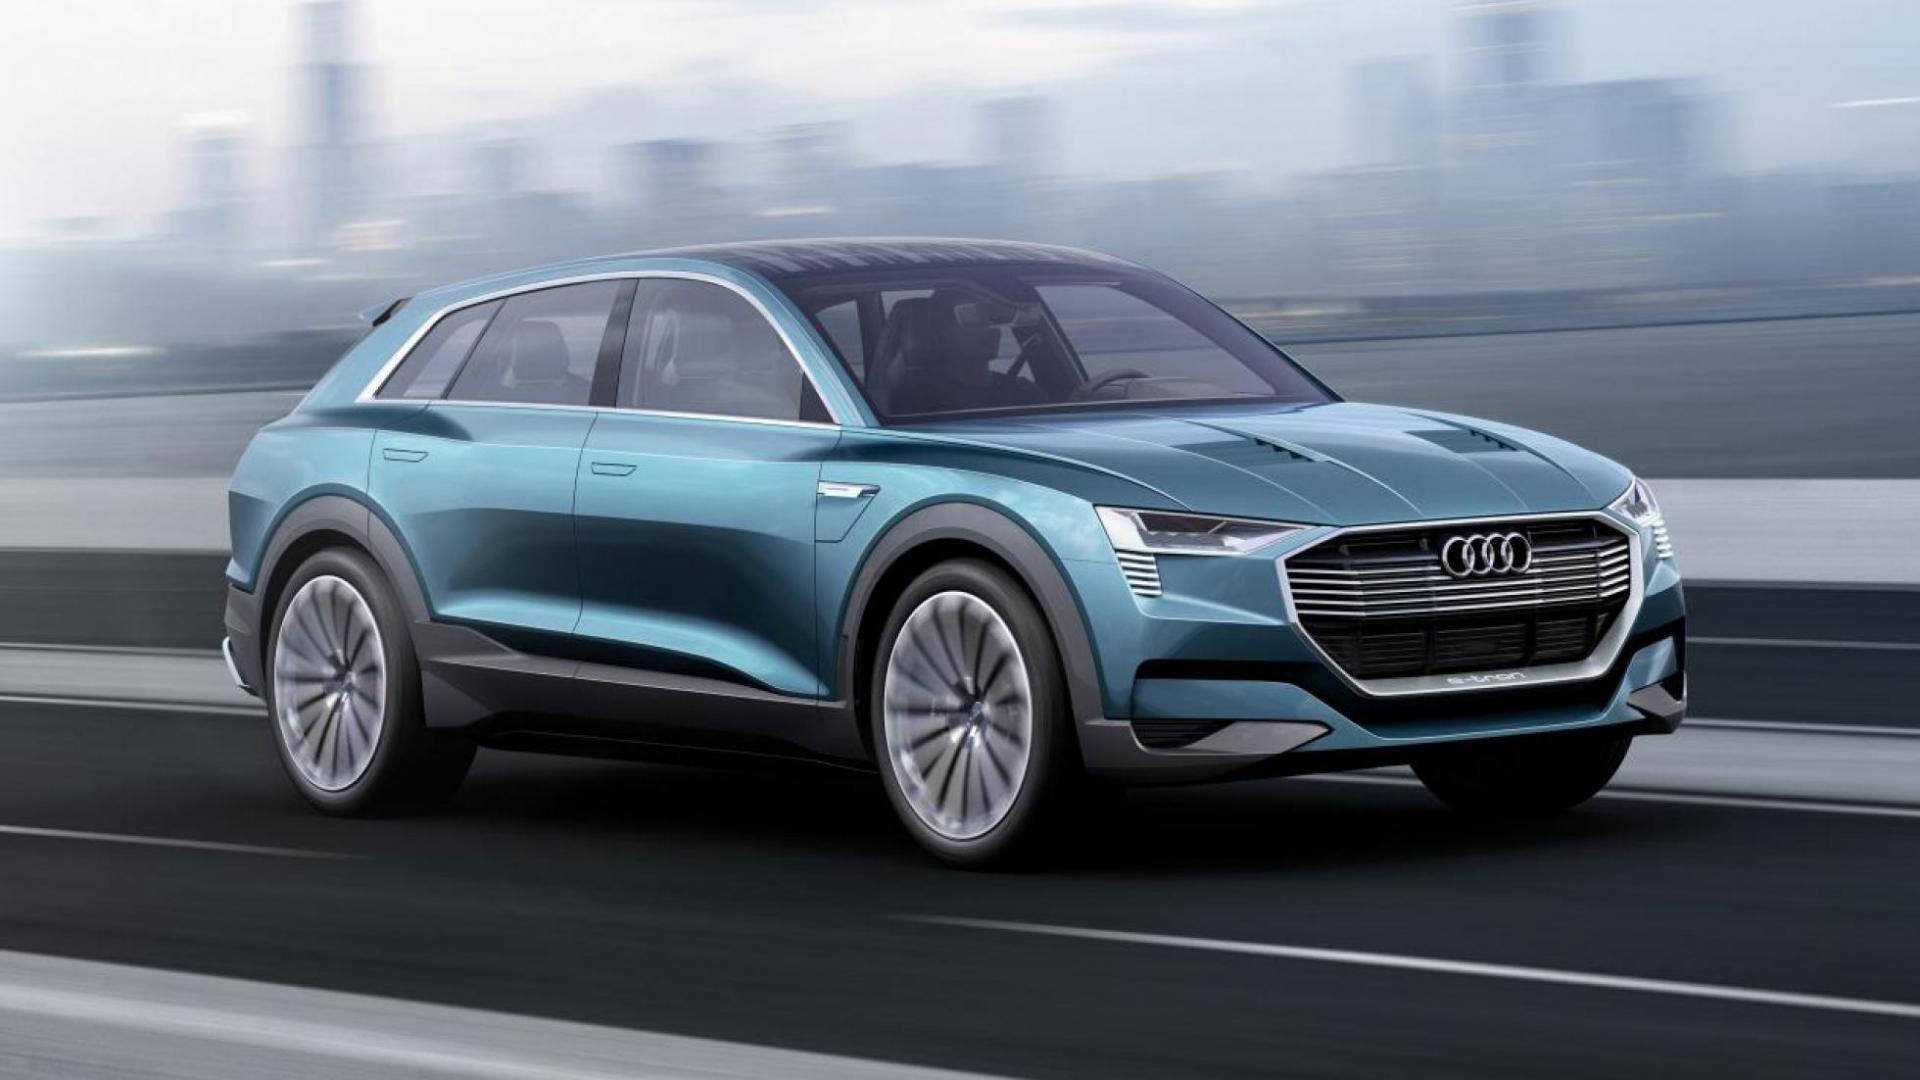 Audi Komt Met Elektrische Suv Topgear